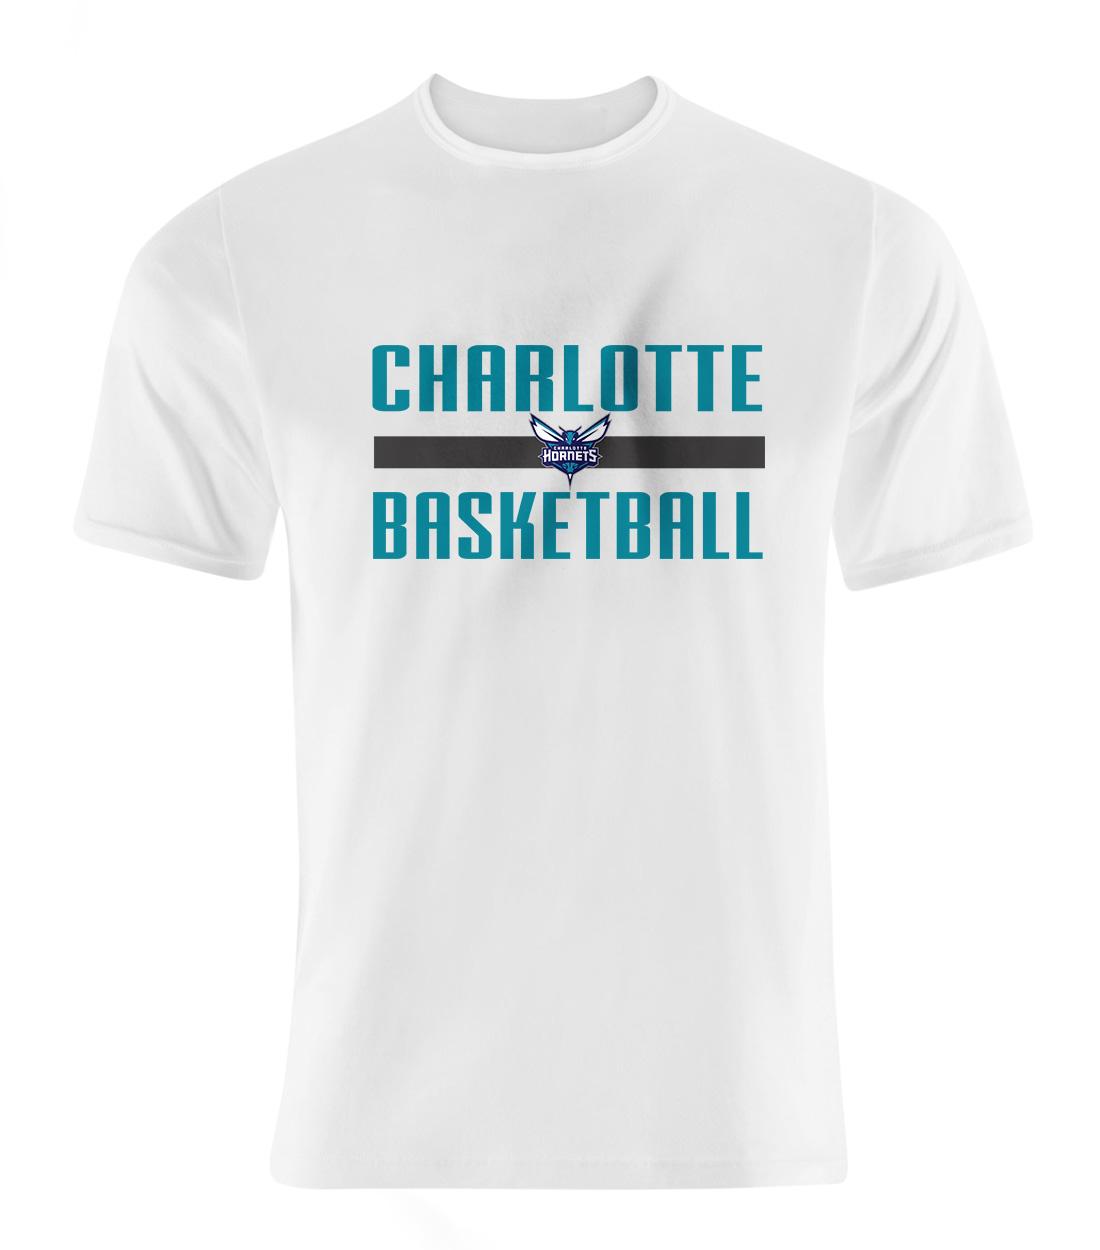 Charlotte Basketball Tshirt (TSH-WHT-SKR-charlotte-basketball-505)